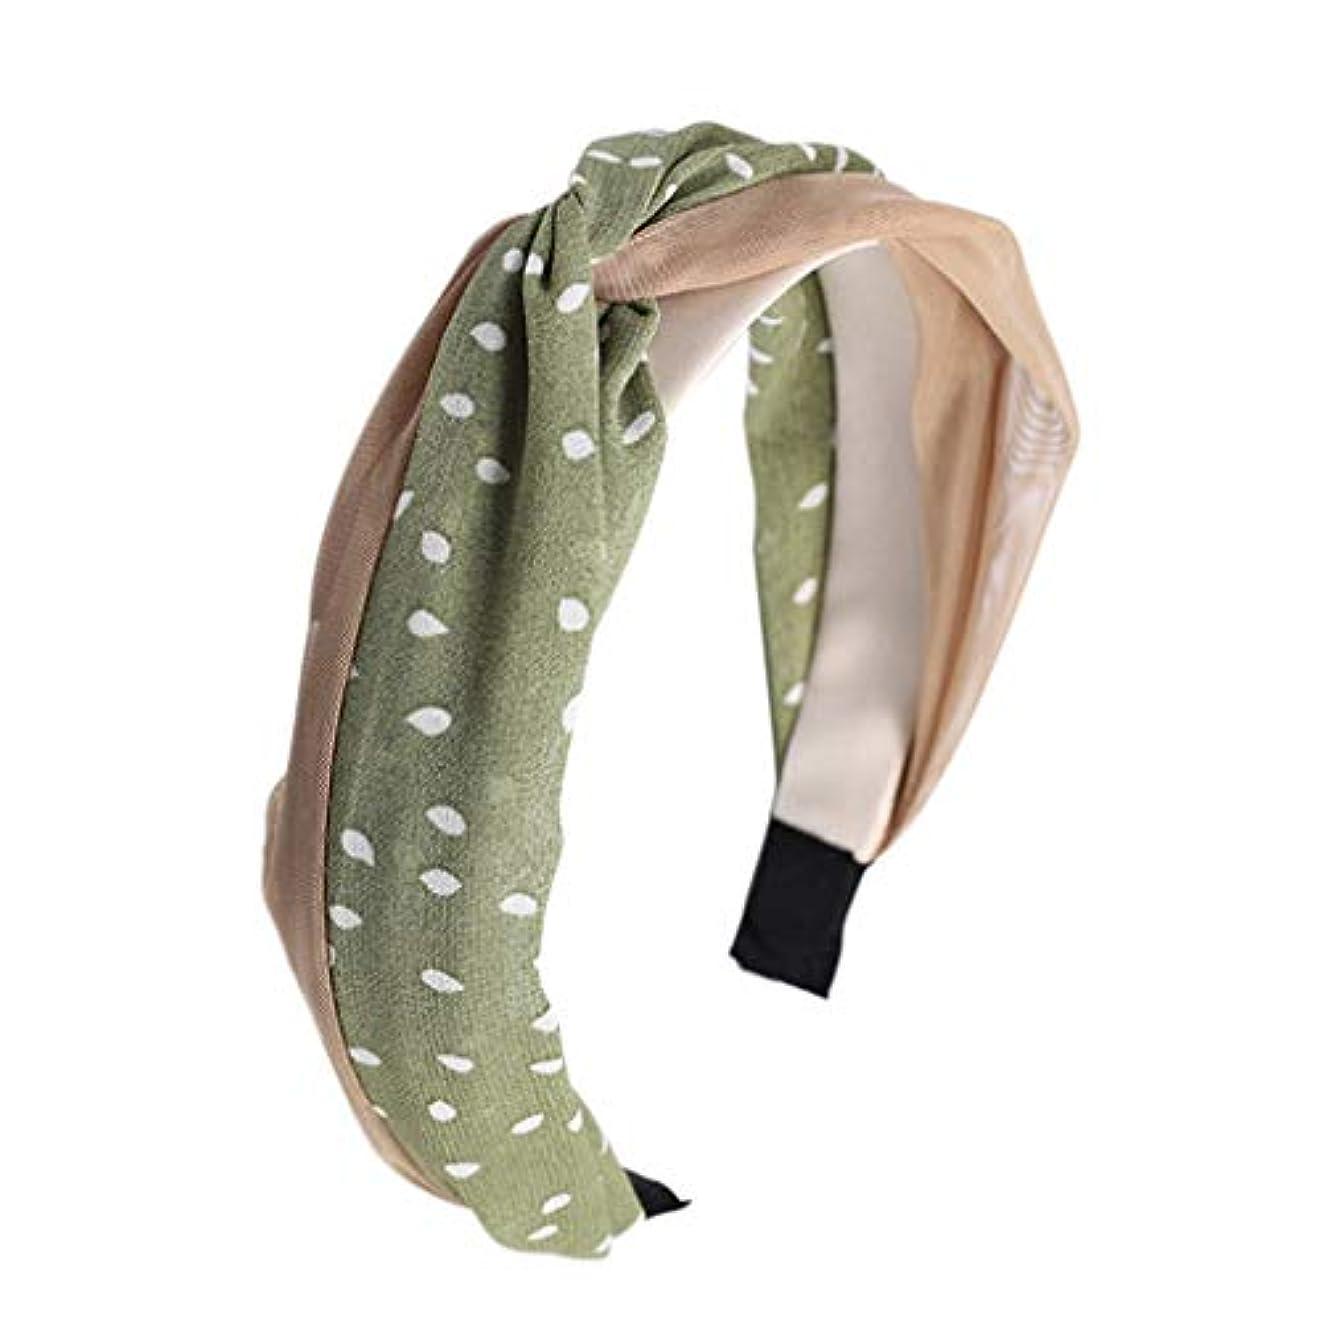 剥離マンモスインタビューManyao 韓国風の新鮮な女性のメッシュポルカドットヘッドバンドヴィンテージツイスト結び目ワイヤーヘアフープ (緑)